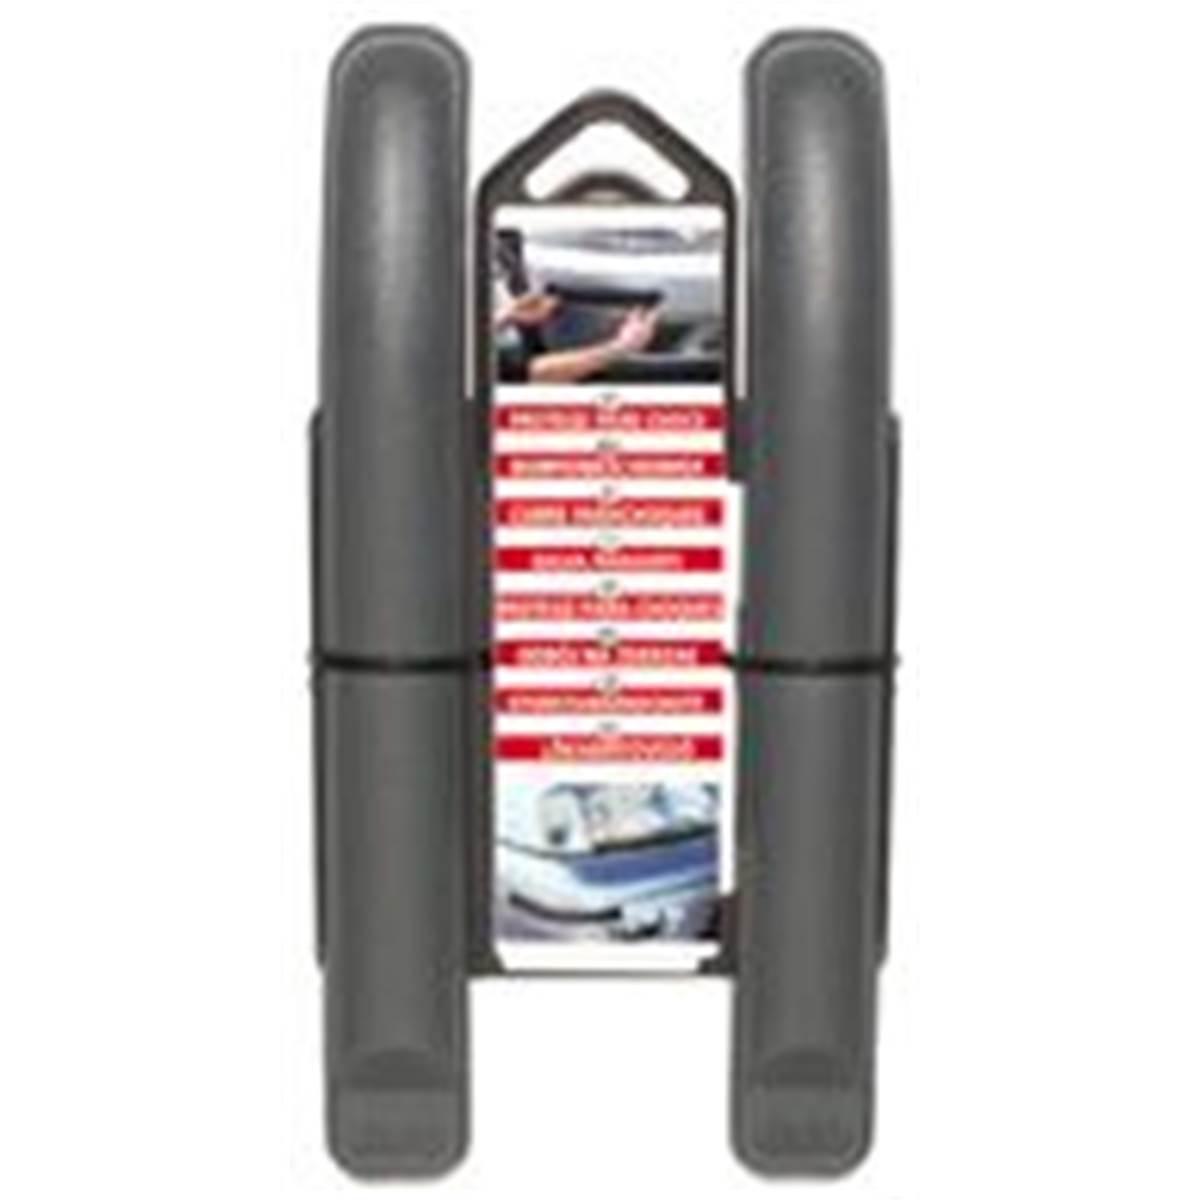 2 Protections de pare-chocs incurvées grises 21 cm